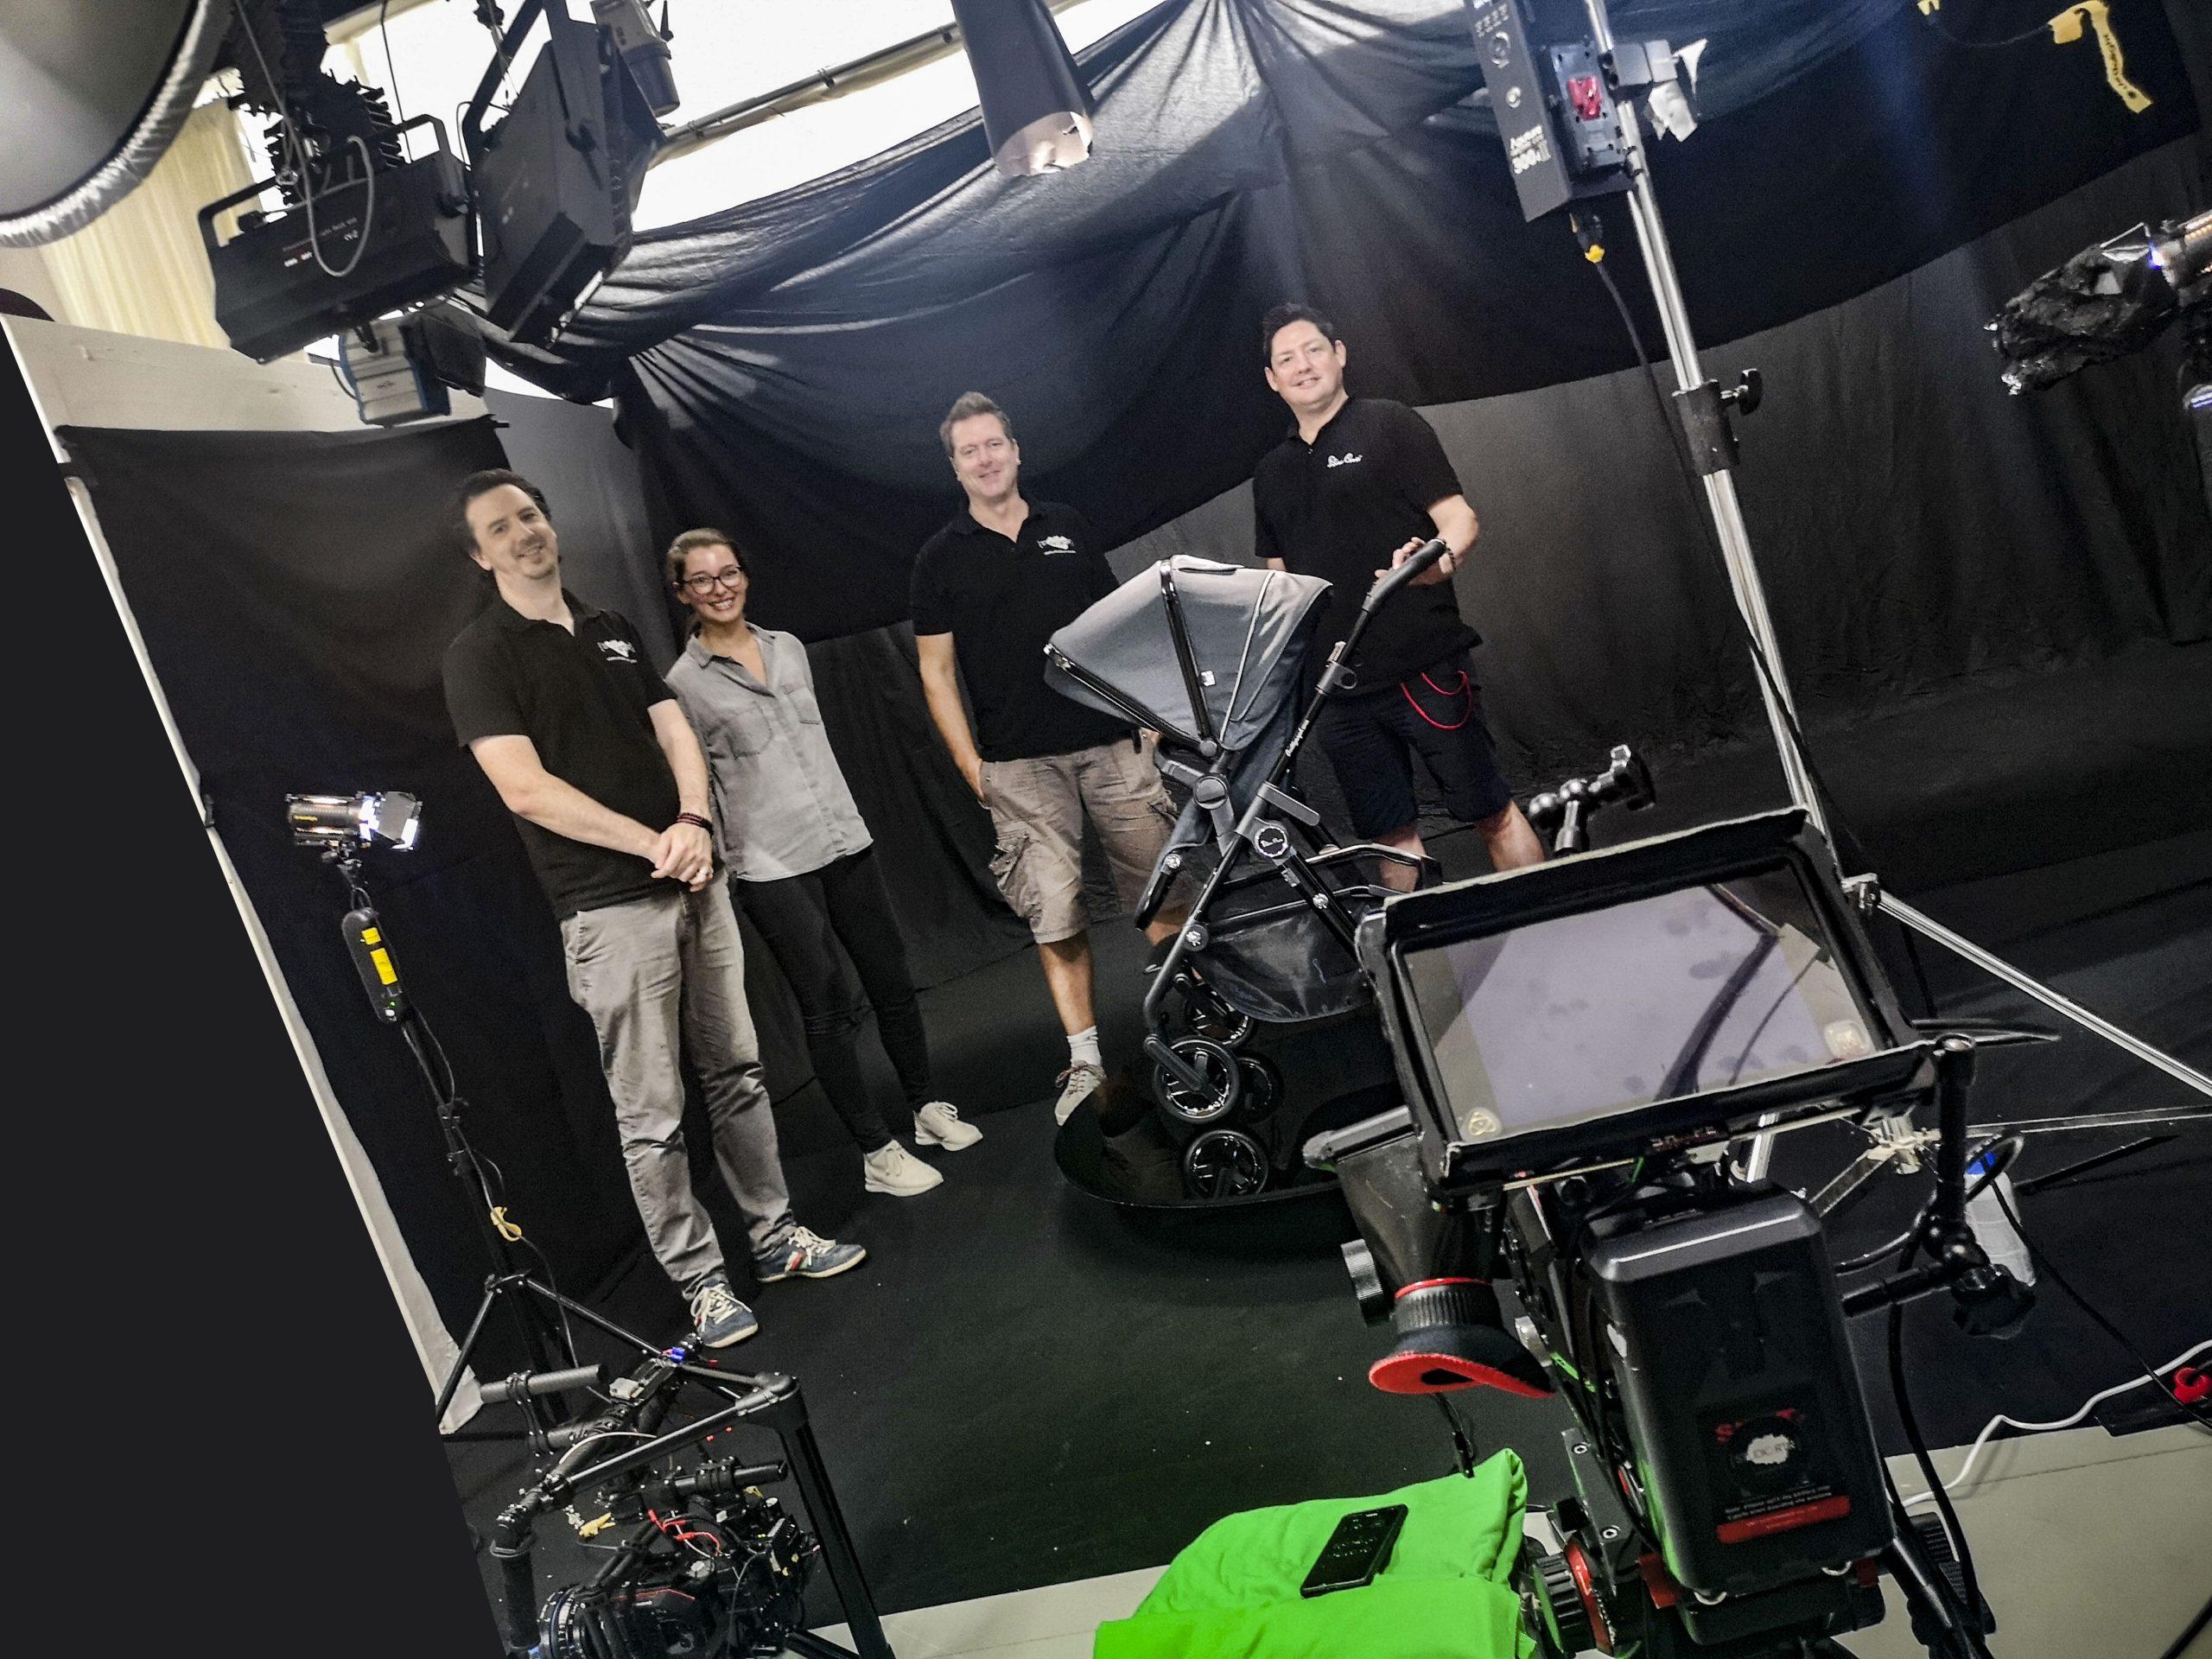 silver cross video shoot in BBD studio Leeds